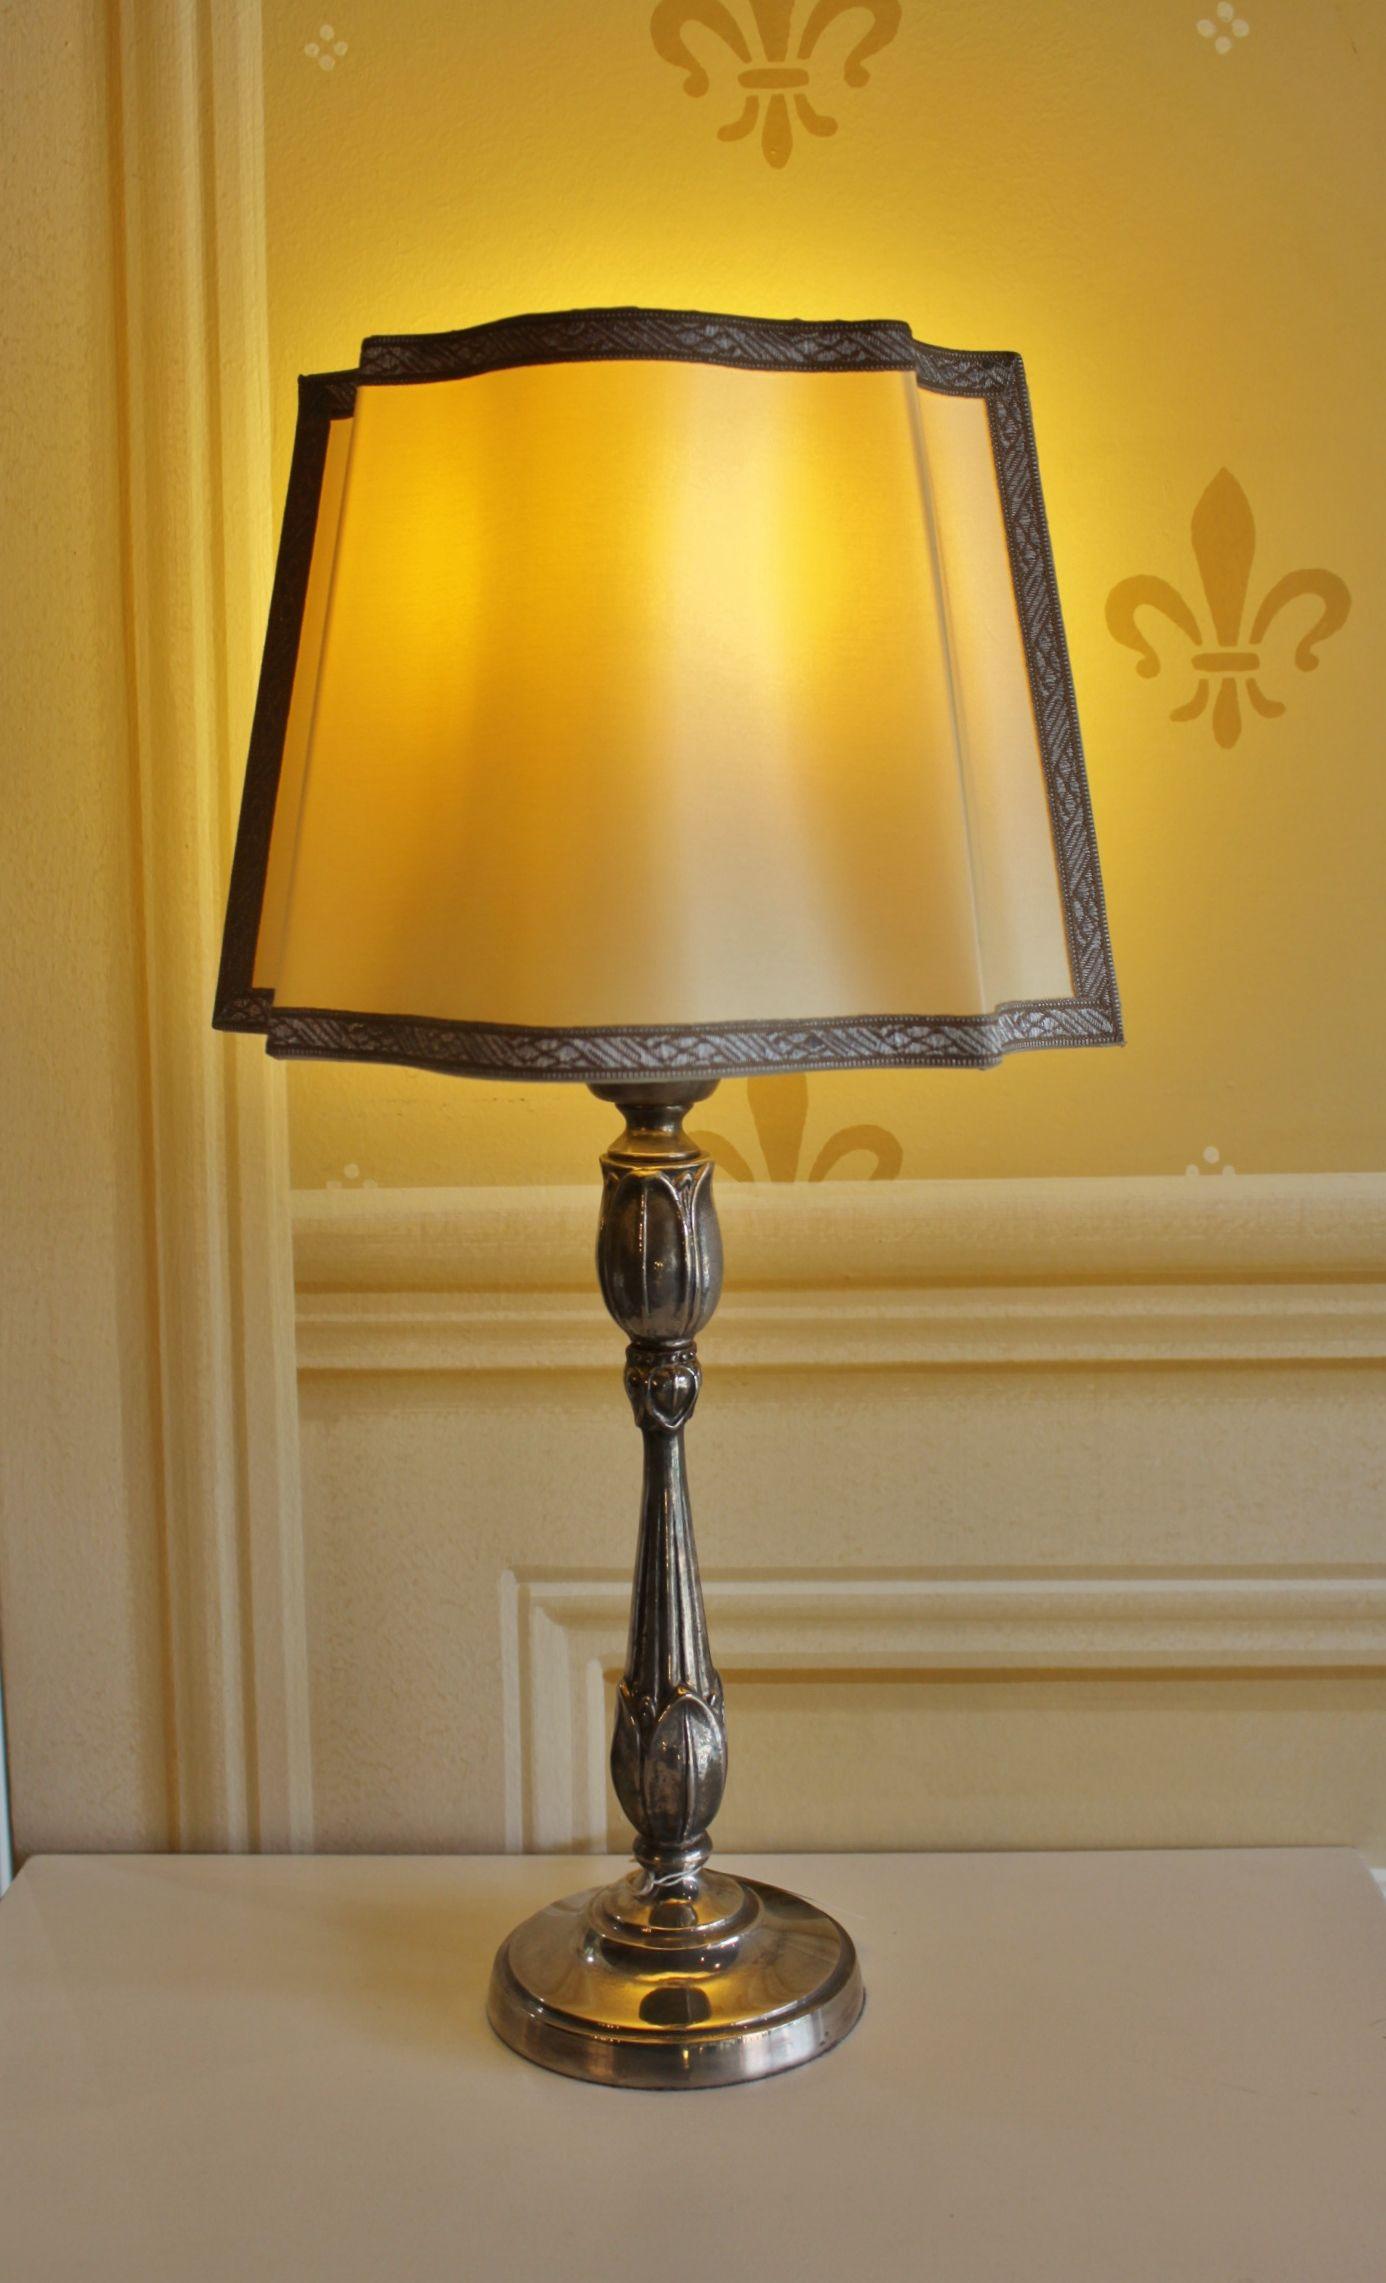 Lampada da tavolo con base in ferro e paralume decorato la nostra illuminazione our lighting - Base lampada da tavolo ...